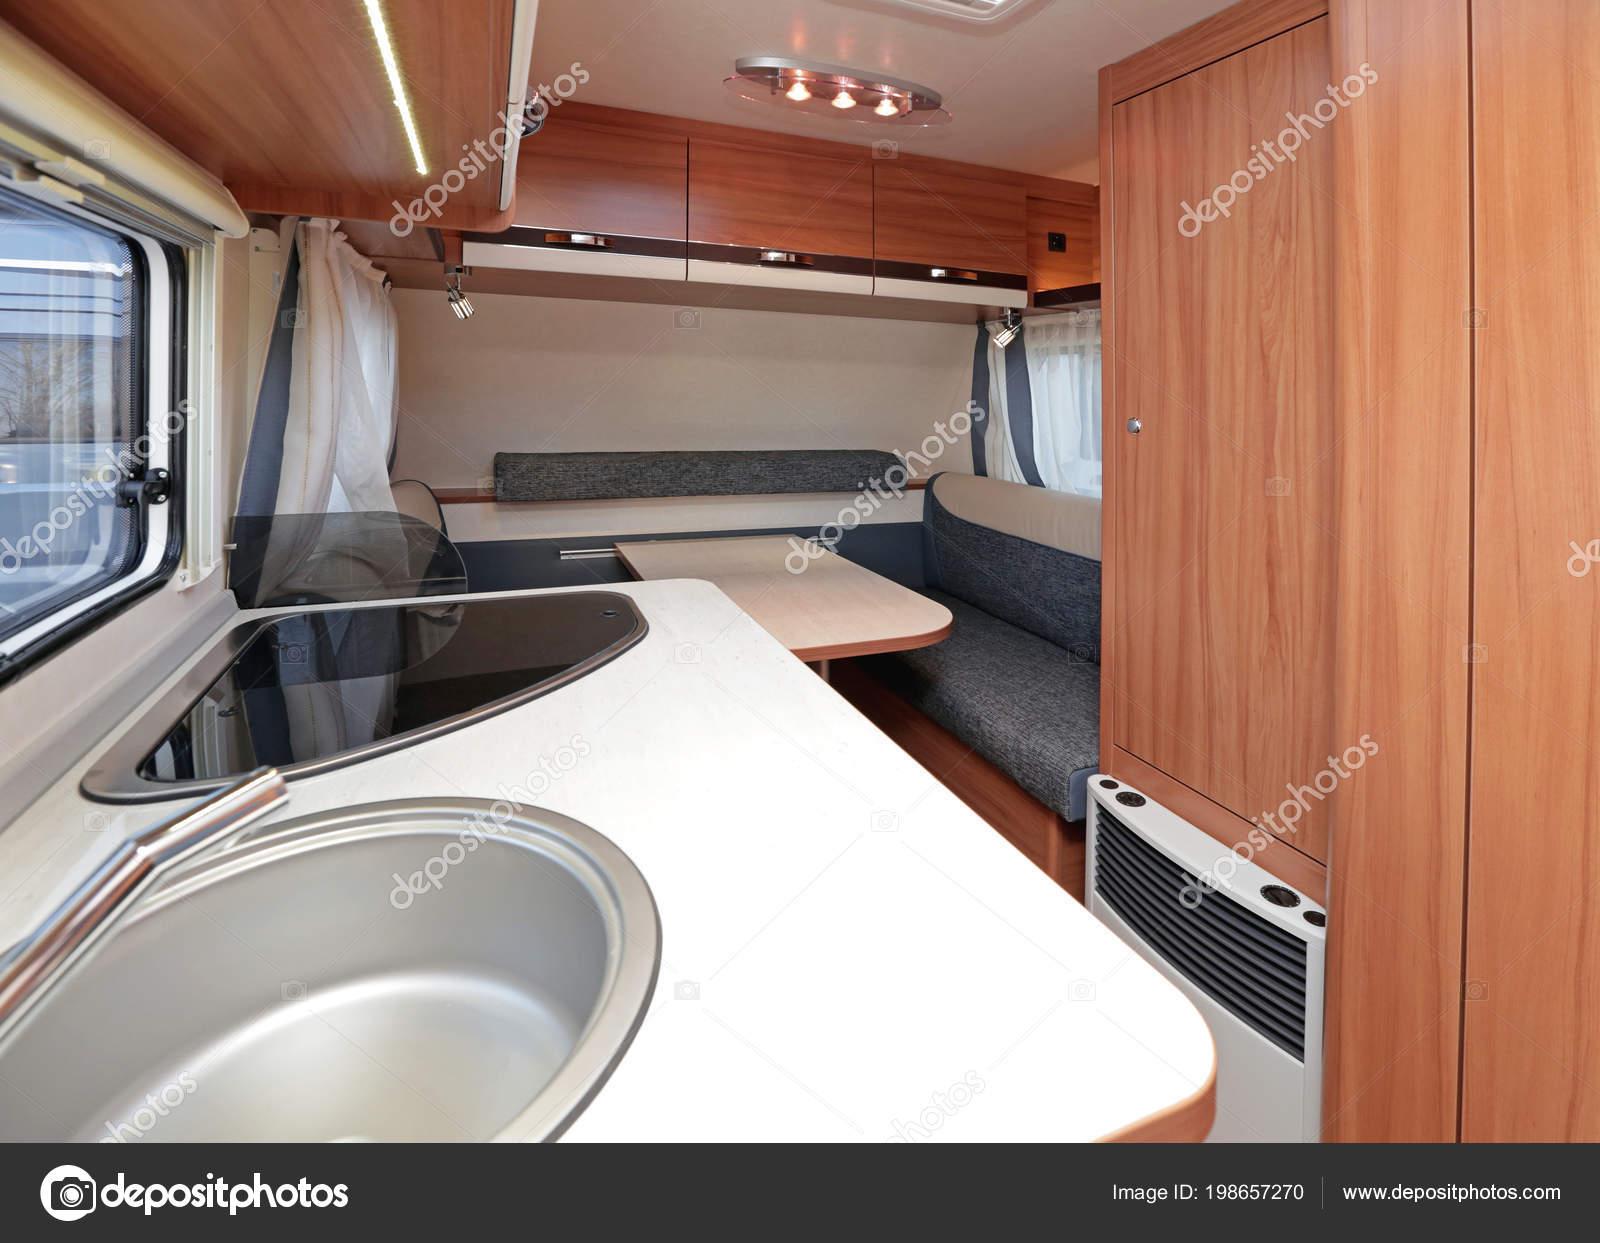 Küchentheke Und Essen Tablein Camping Van Interieur — Stockfoto ...